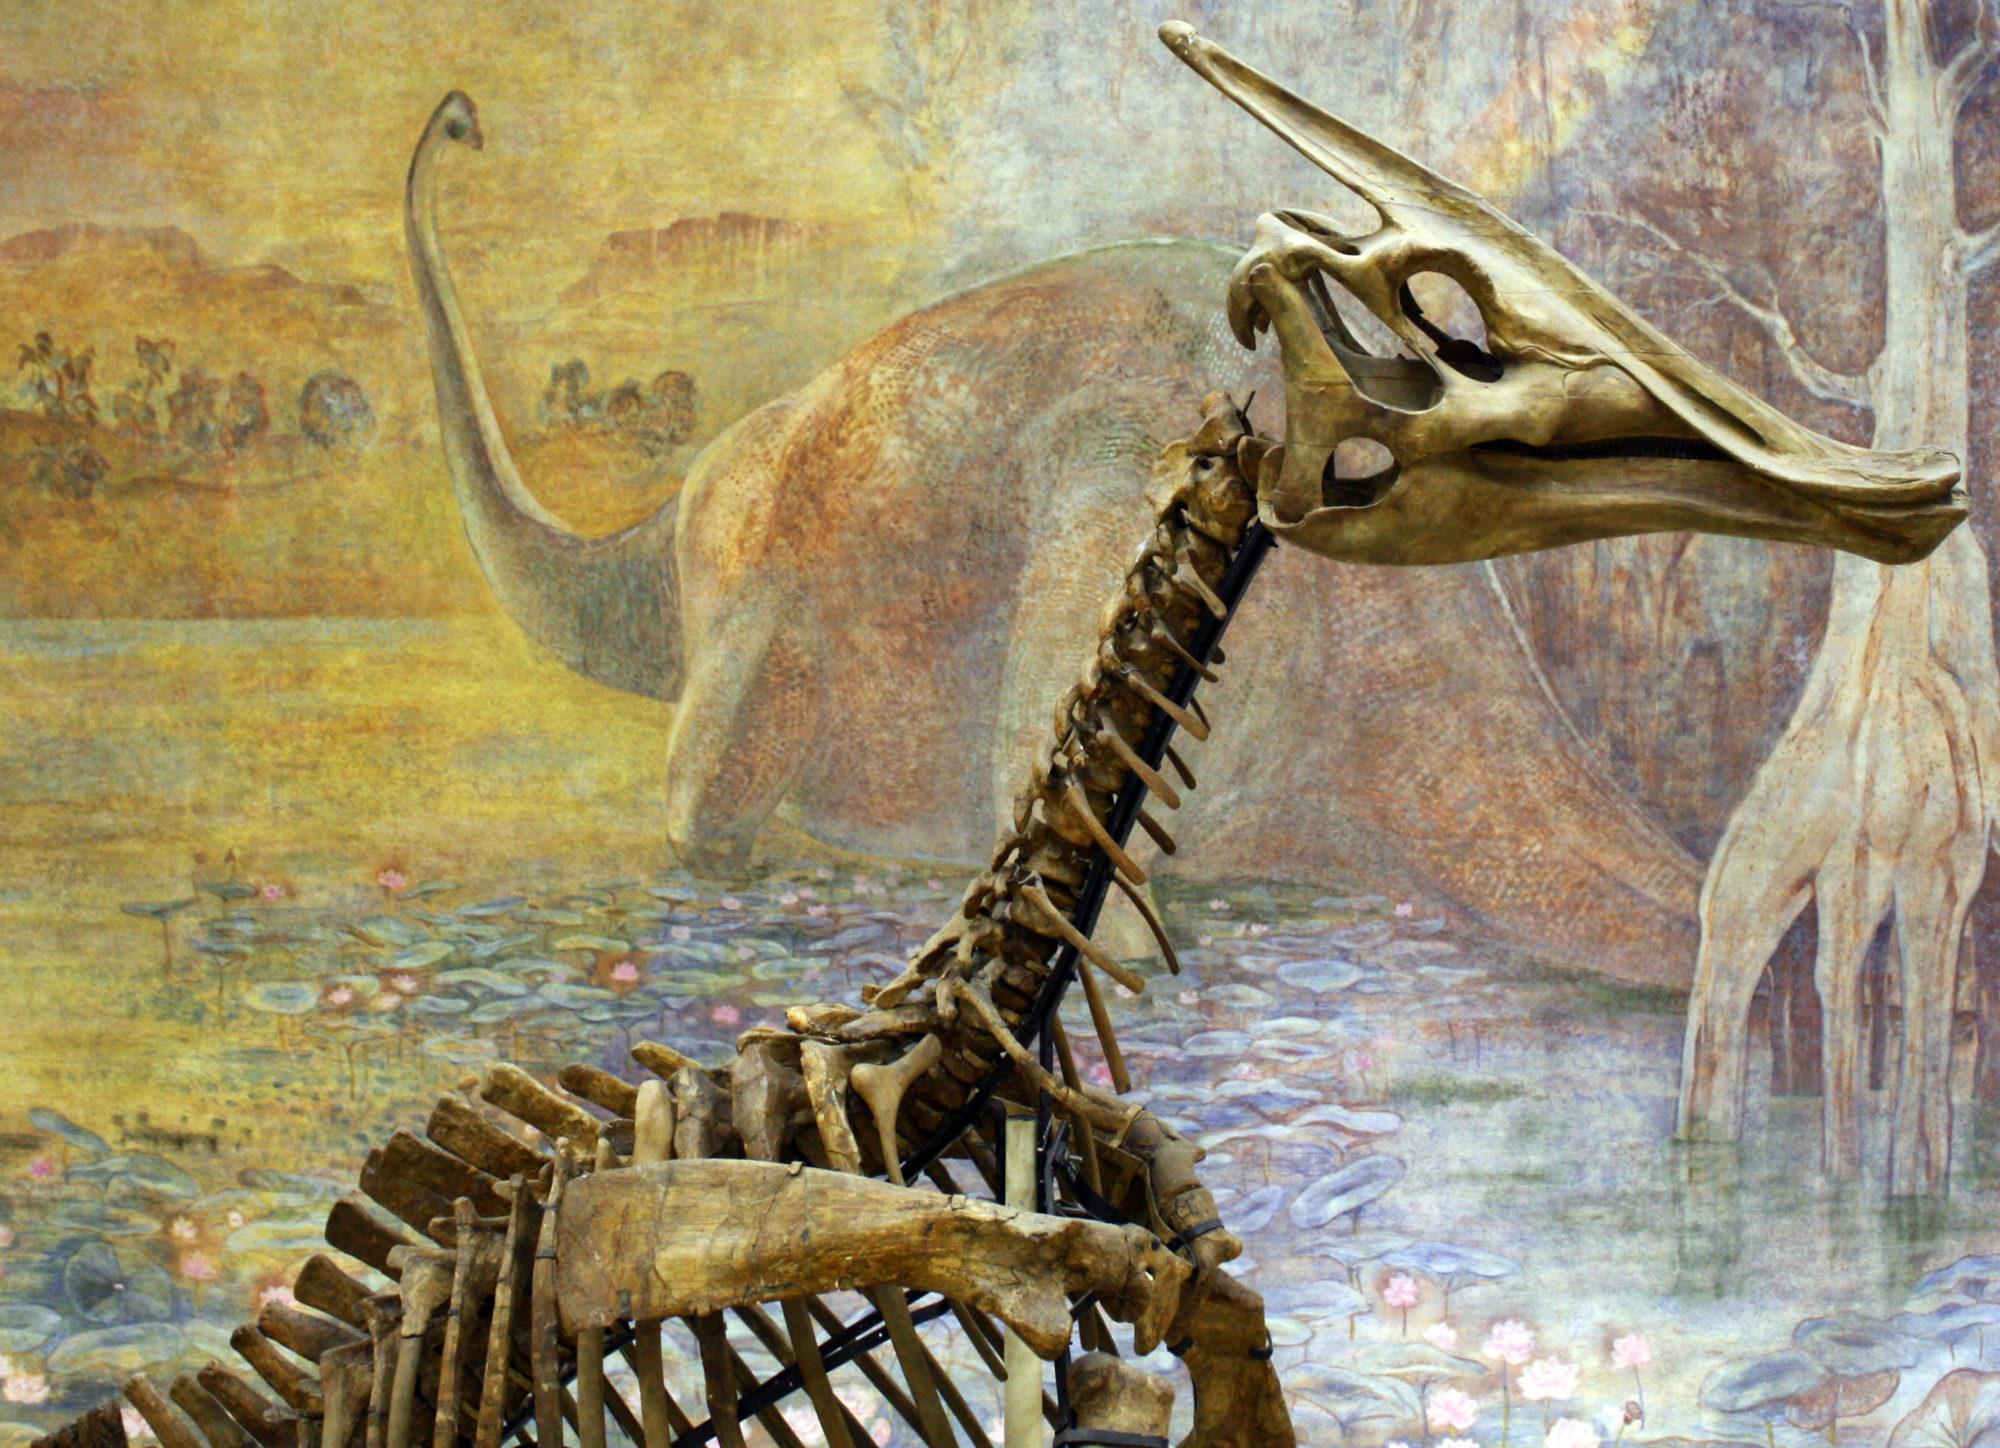 В останках динозавра вперше виявлена «жива» ДНК - ДНК, динозаври - 03 dnk2 2000x1448